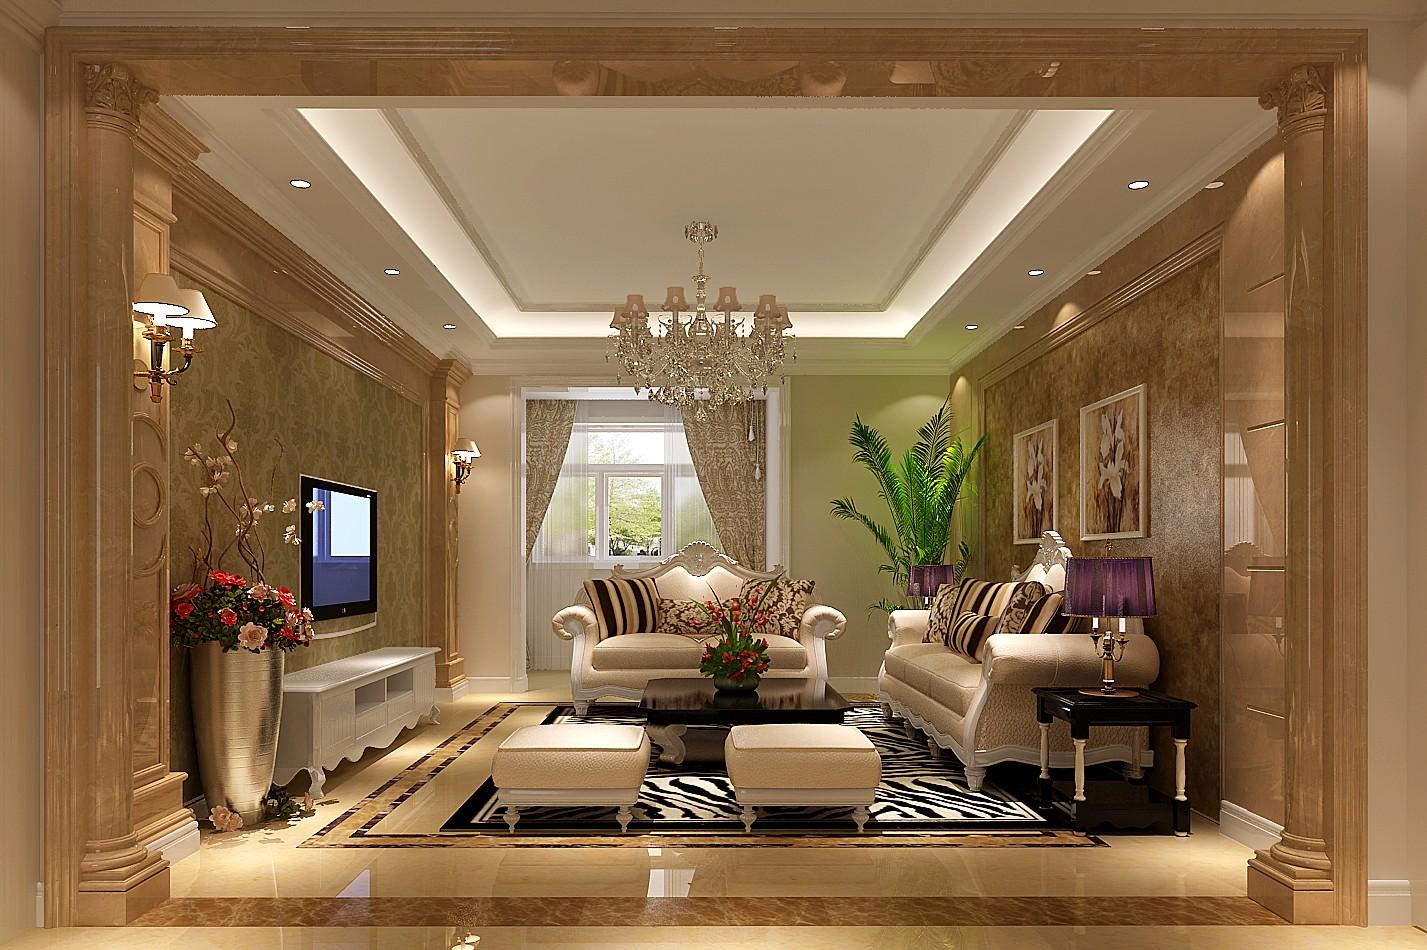 高度国际 中景未山赋 欧式 公寓 客厅图片来自高度国际在高度国际-130平米欧式风格的分享